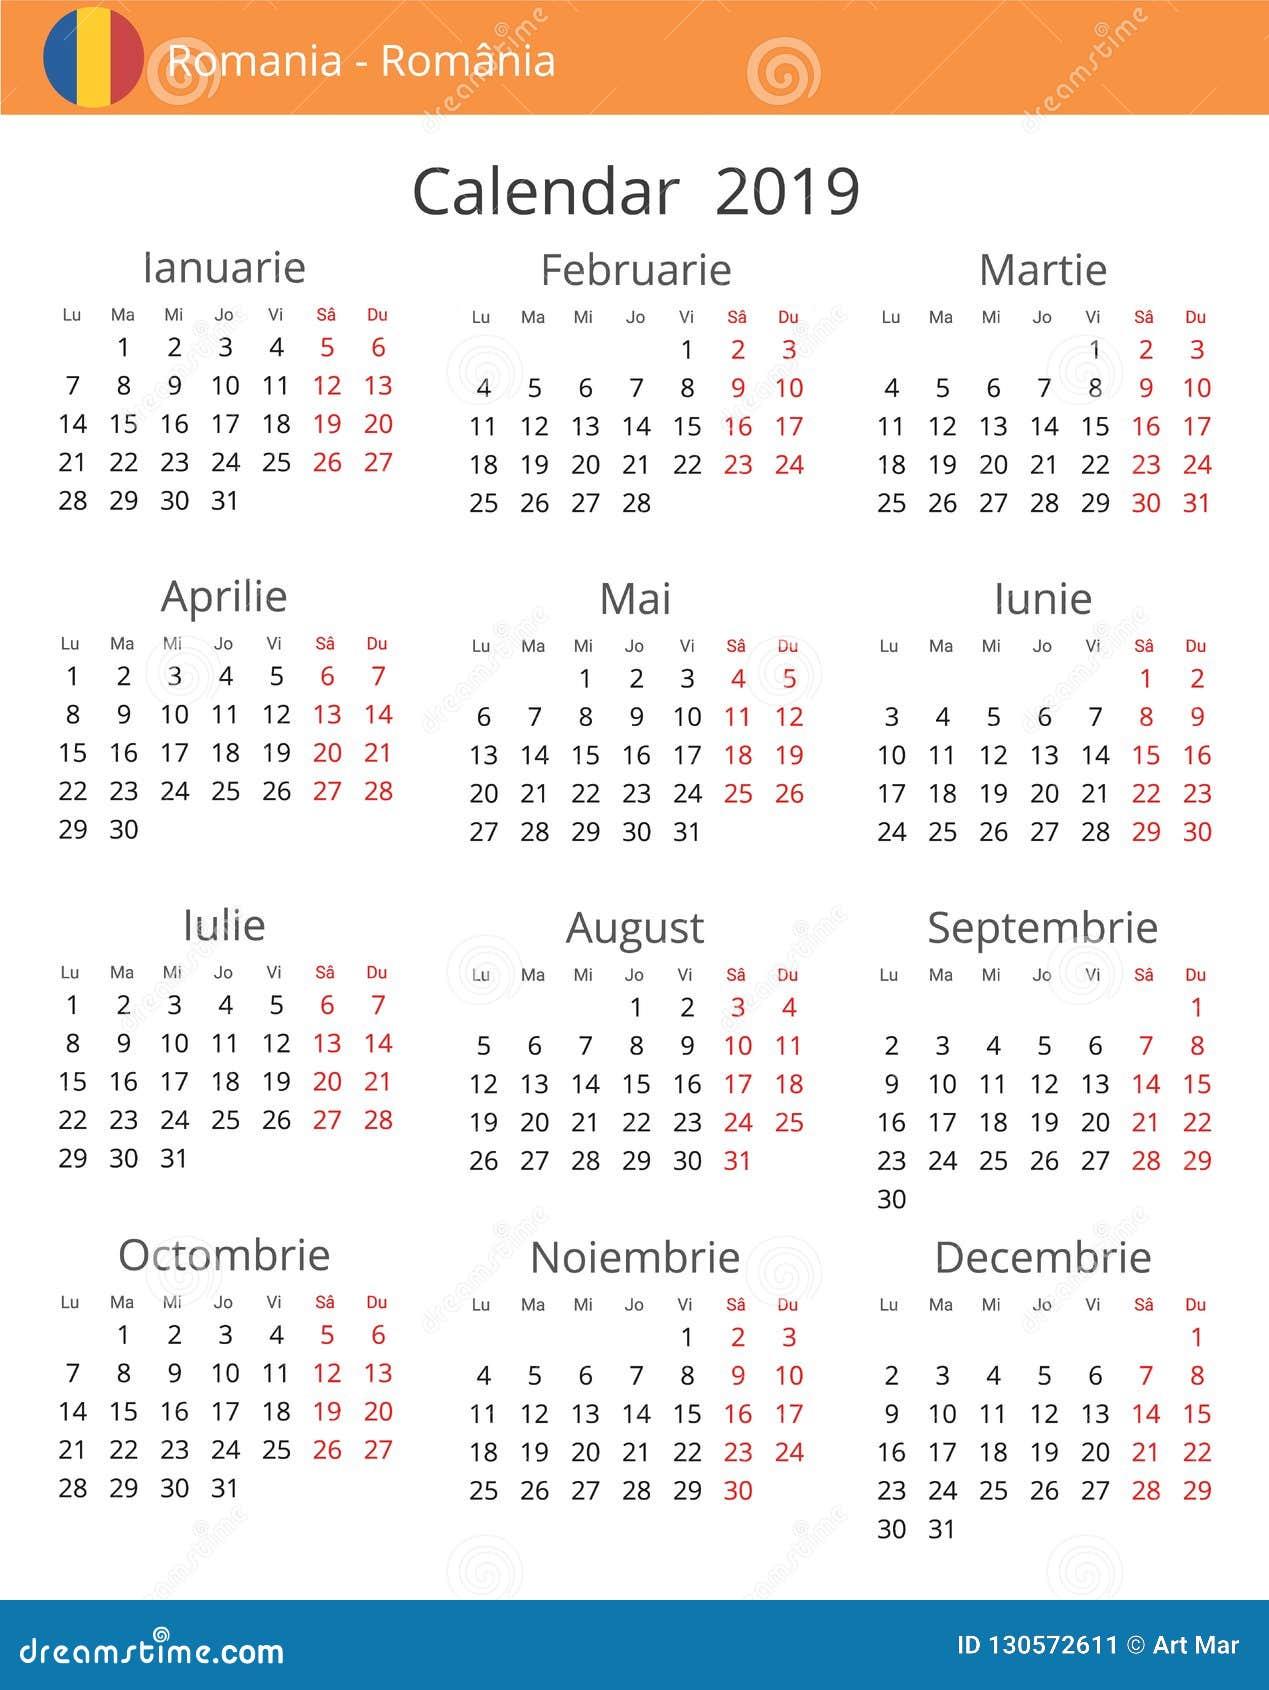 Calendario Romena 2019.Calendario 2019 Anos Para O Pais De Romenia Ilustracao Stock